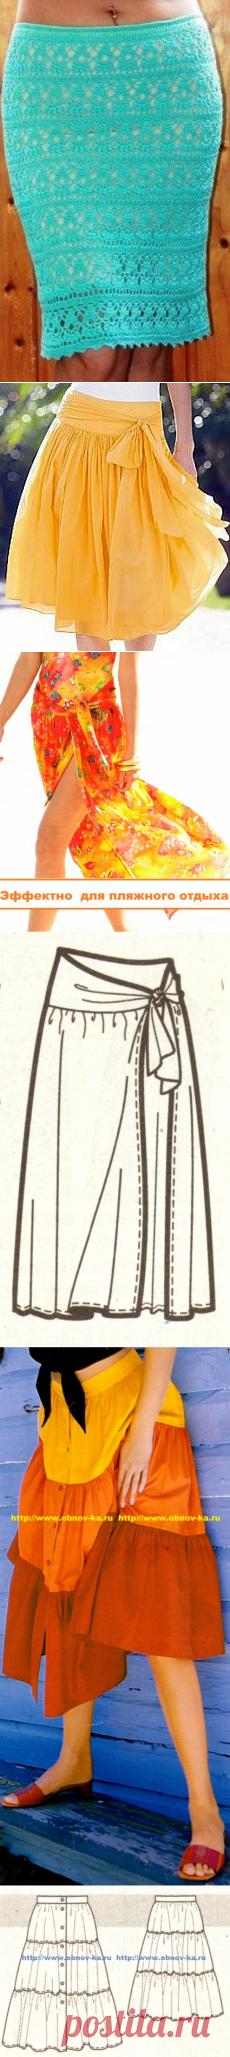 Поиск на Постиле: летние юбки